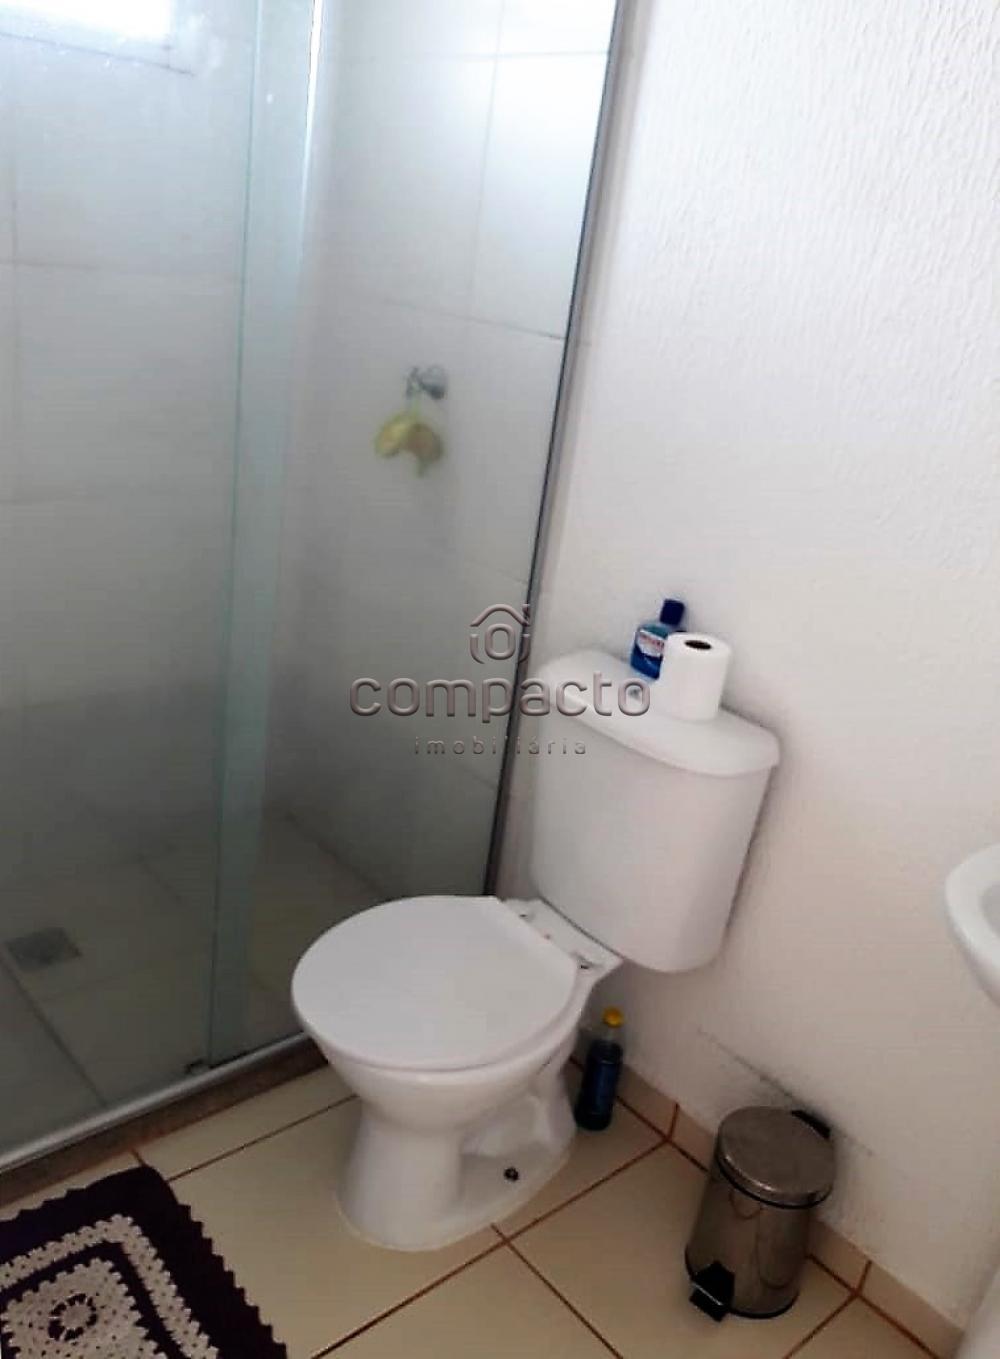 Alugar Casa / Condomínio em São José do Rio Preto apenas R$ 680,00 - Foto 4